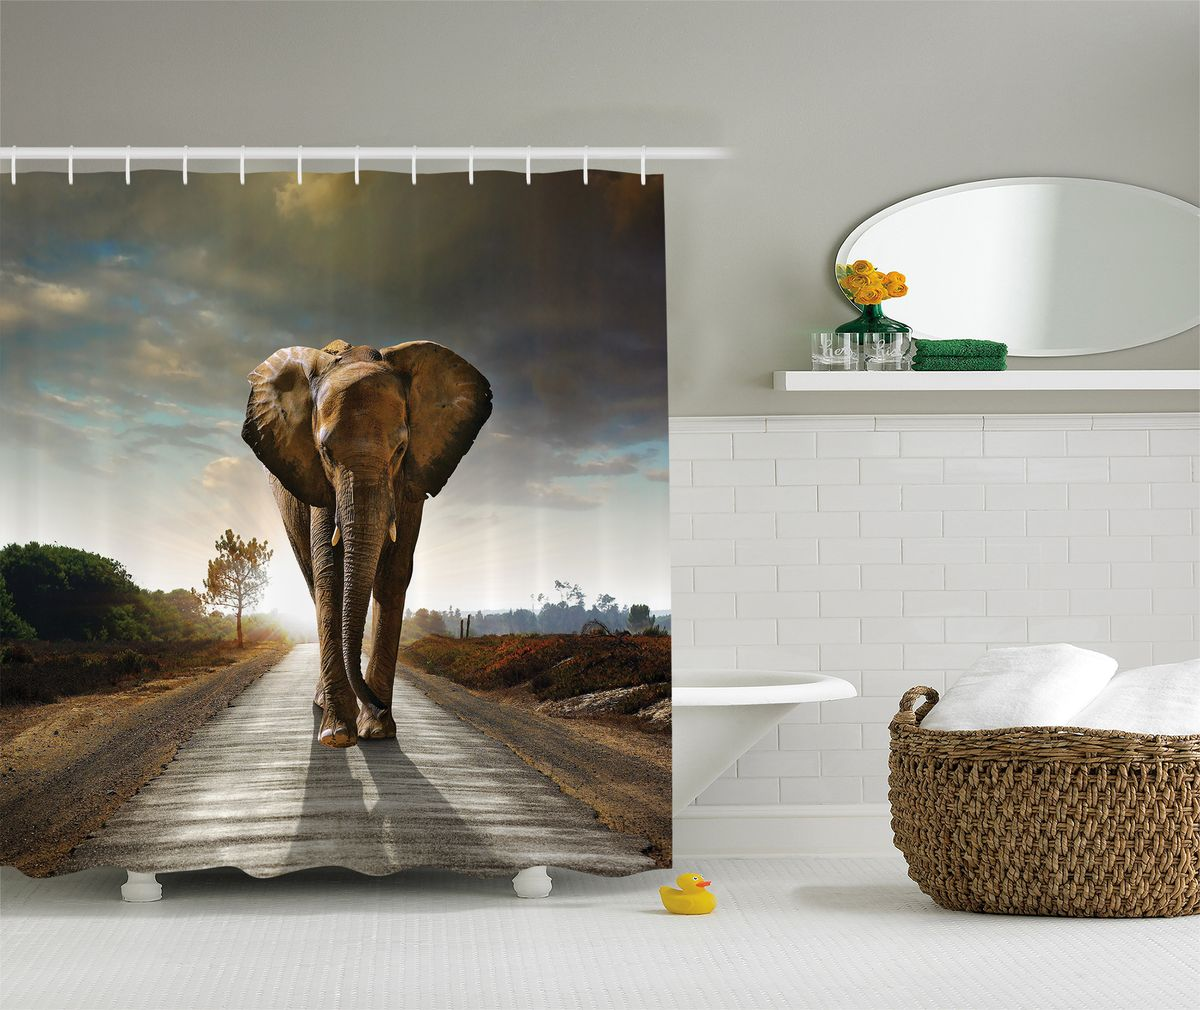 Штора для ванной комнаты Magic Lady Слон на пустынной дороге, 180 х 200 смES-412Штора Magic Lady Слон на пустынной дороге, изготовленная из высококачественного сатена (полиэстер 100%), отлично дополнит любой интерьер ванной комнаты. При изготовлении используются специальные гипоаллергенные чернила для прямой печати по ткани, безопасные для человека.В комплекте: 1 штора, 12 крючков. Обращаем ваше внимание, фактический цвет изделия может незначительно отличаться от представленного на фото.